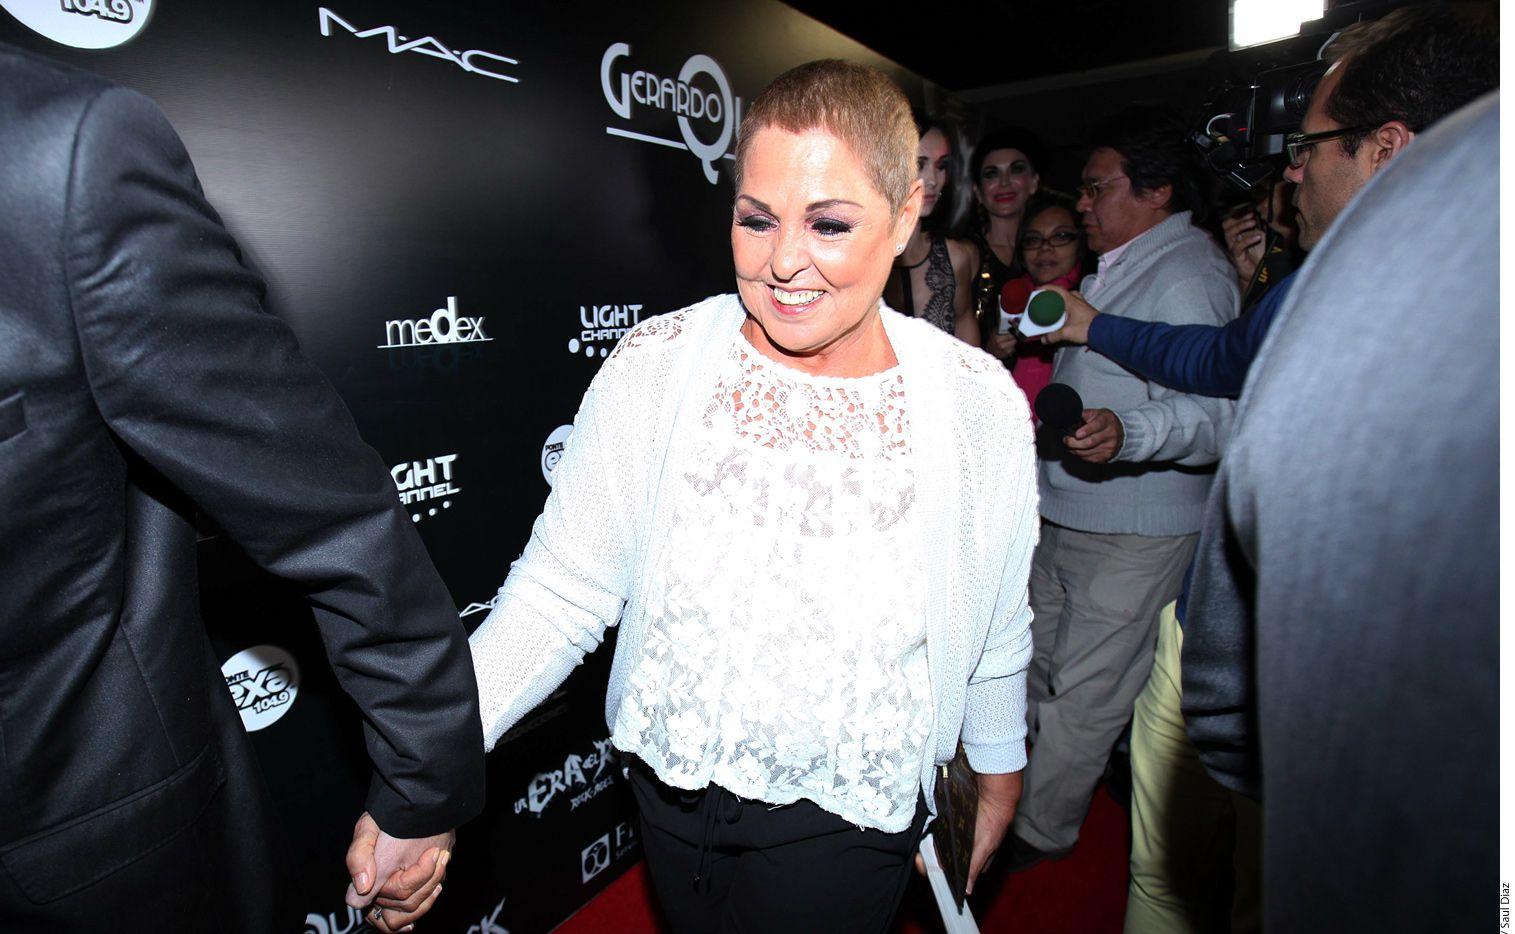 Hace un año, D'Alessio desnudó su alma y se mostró tal cual es en la bioserie Hoy Voy A Cambiar, producida por Rubén y Santiago Galindo. (AGENCIA REFORMA)